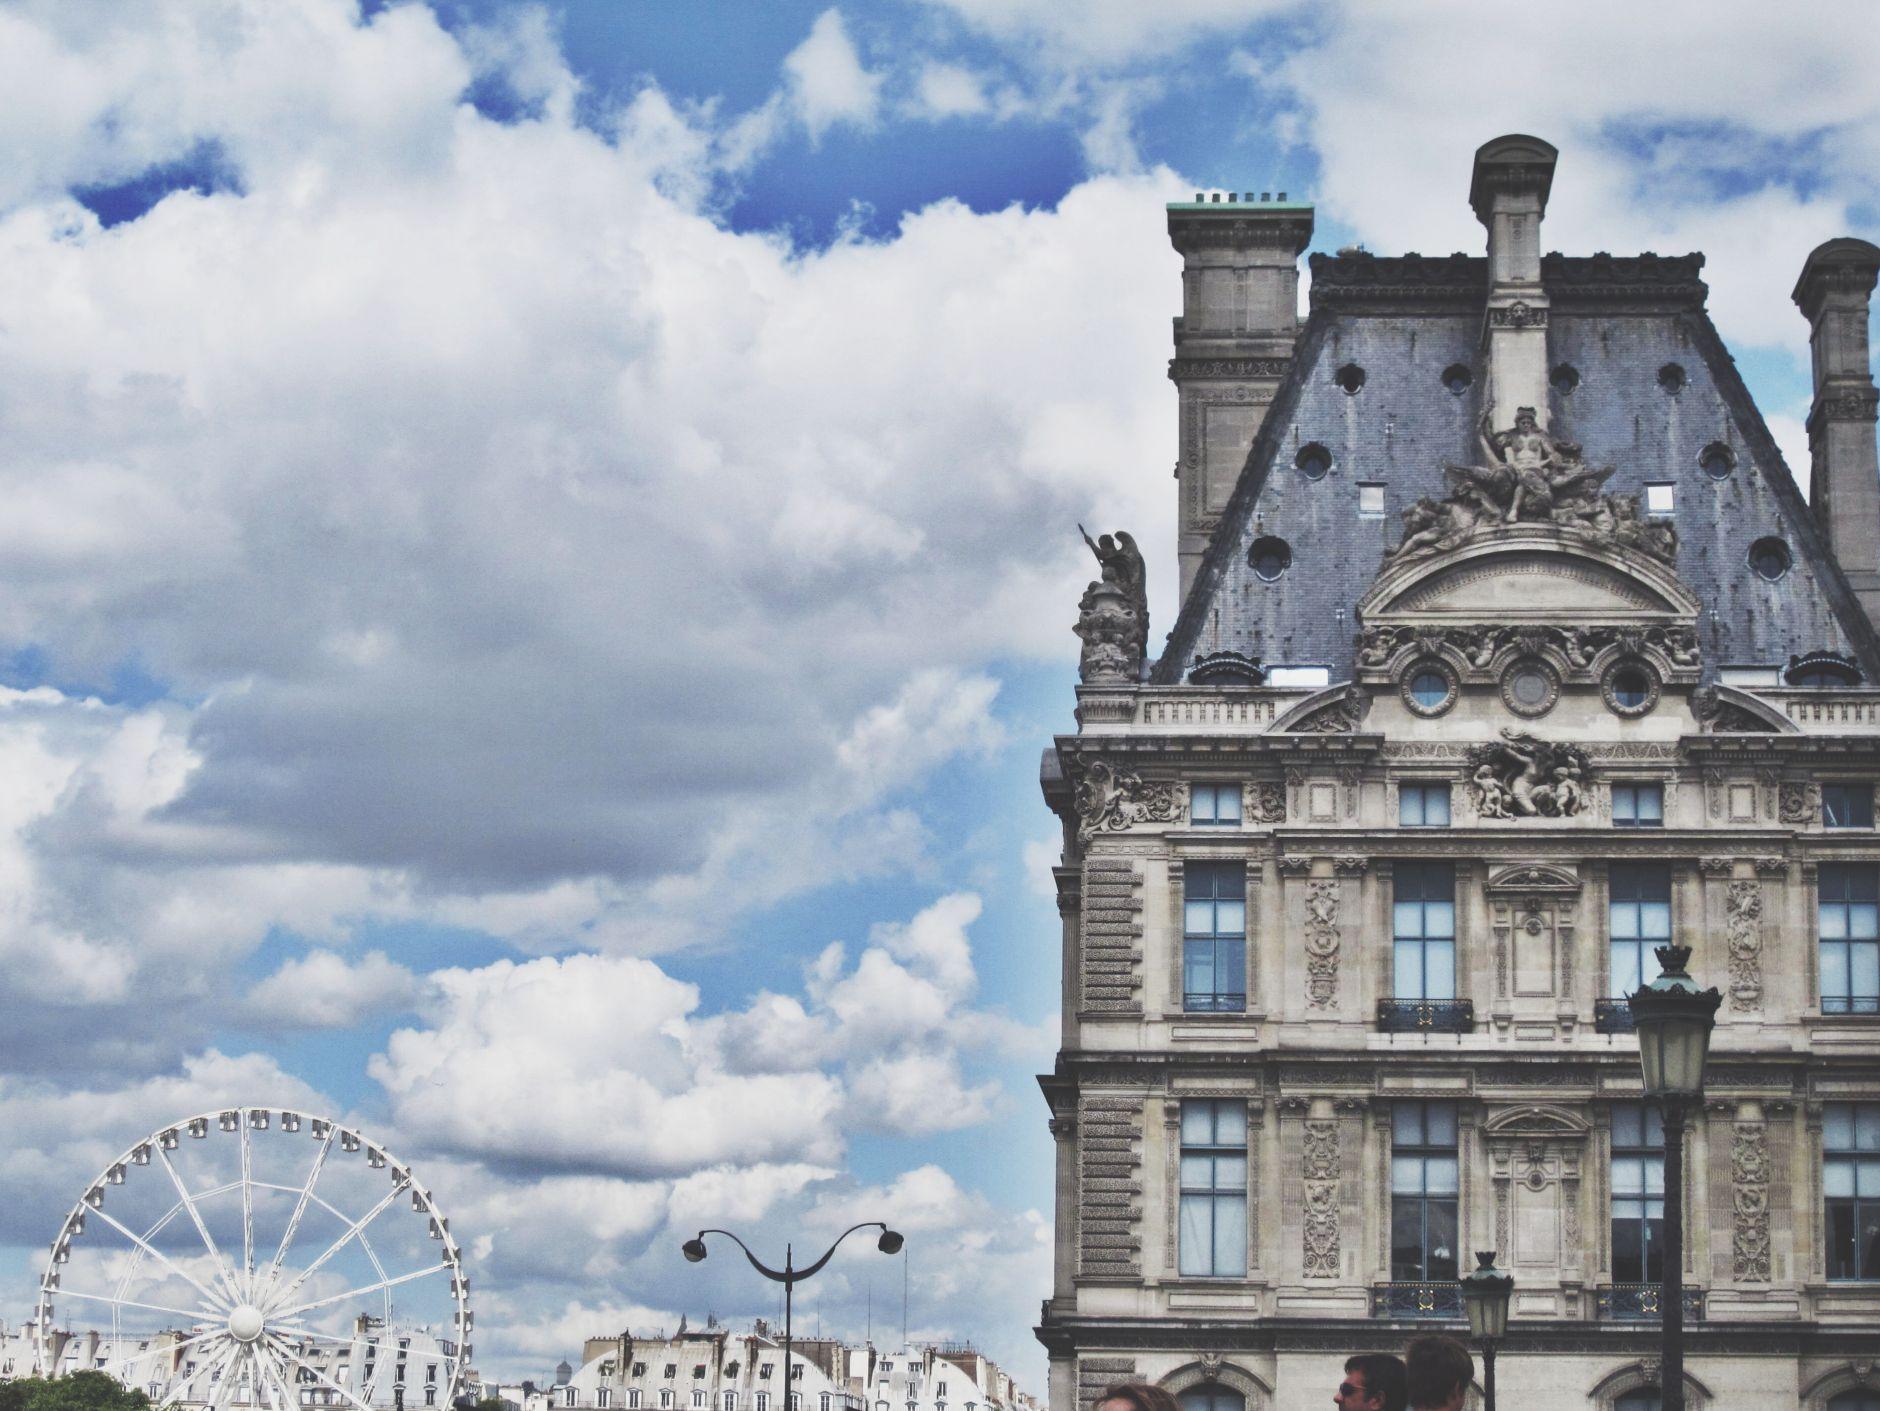 Musée-du-Louvre-Paris-France-Disi-Couture-01